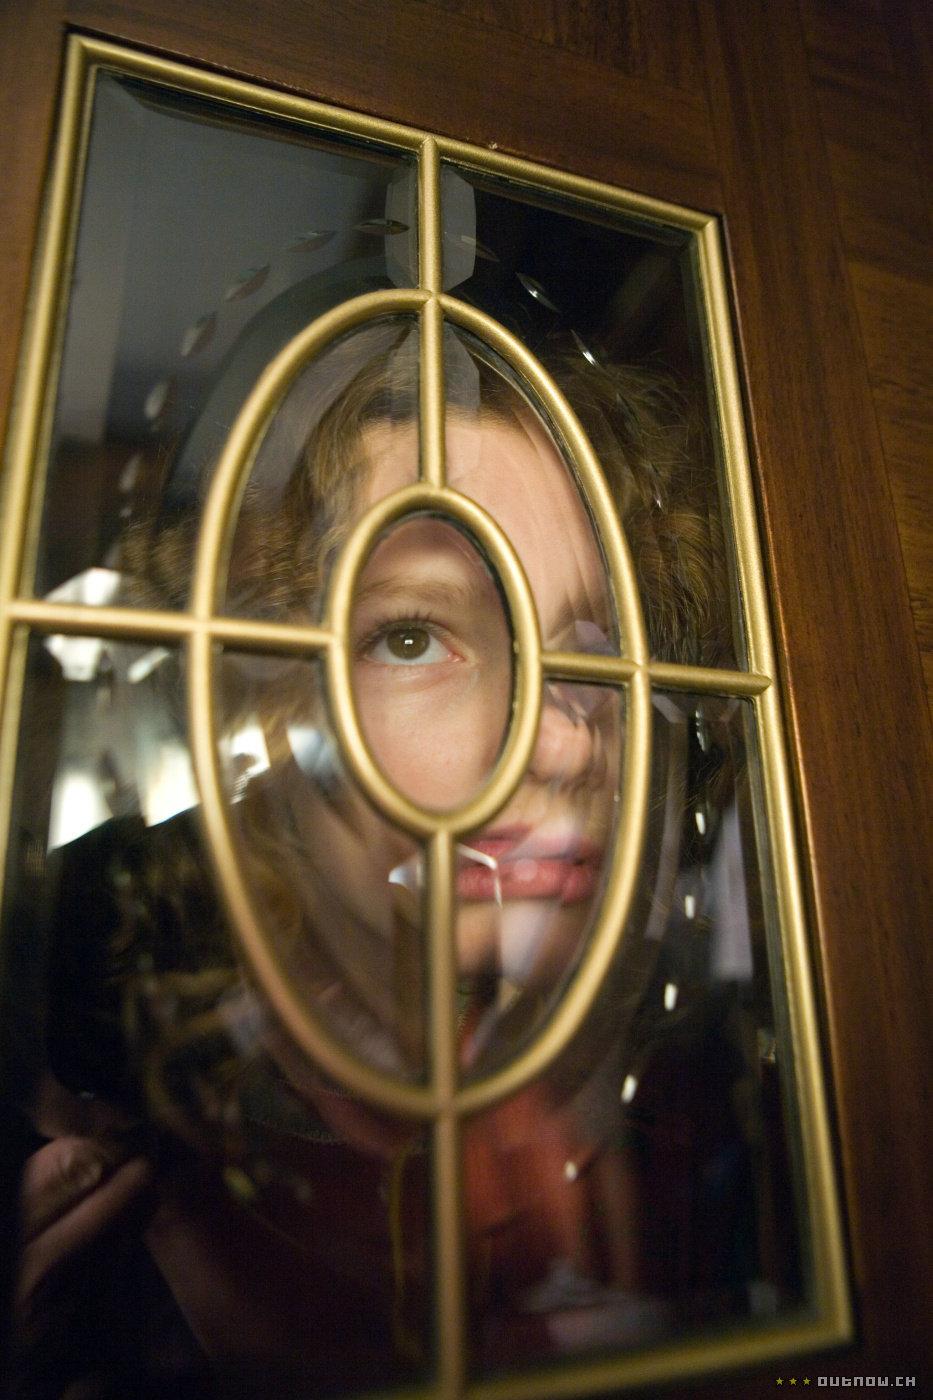 кадры из фильма Золотой компас Дакота Блю Ричардс,